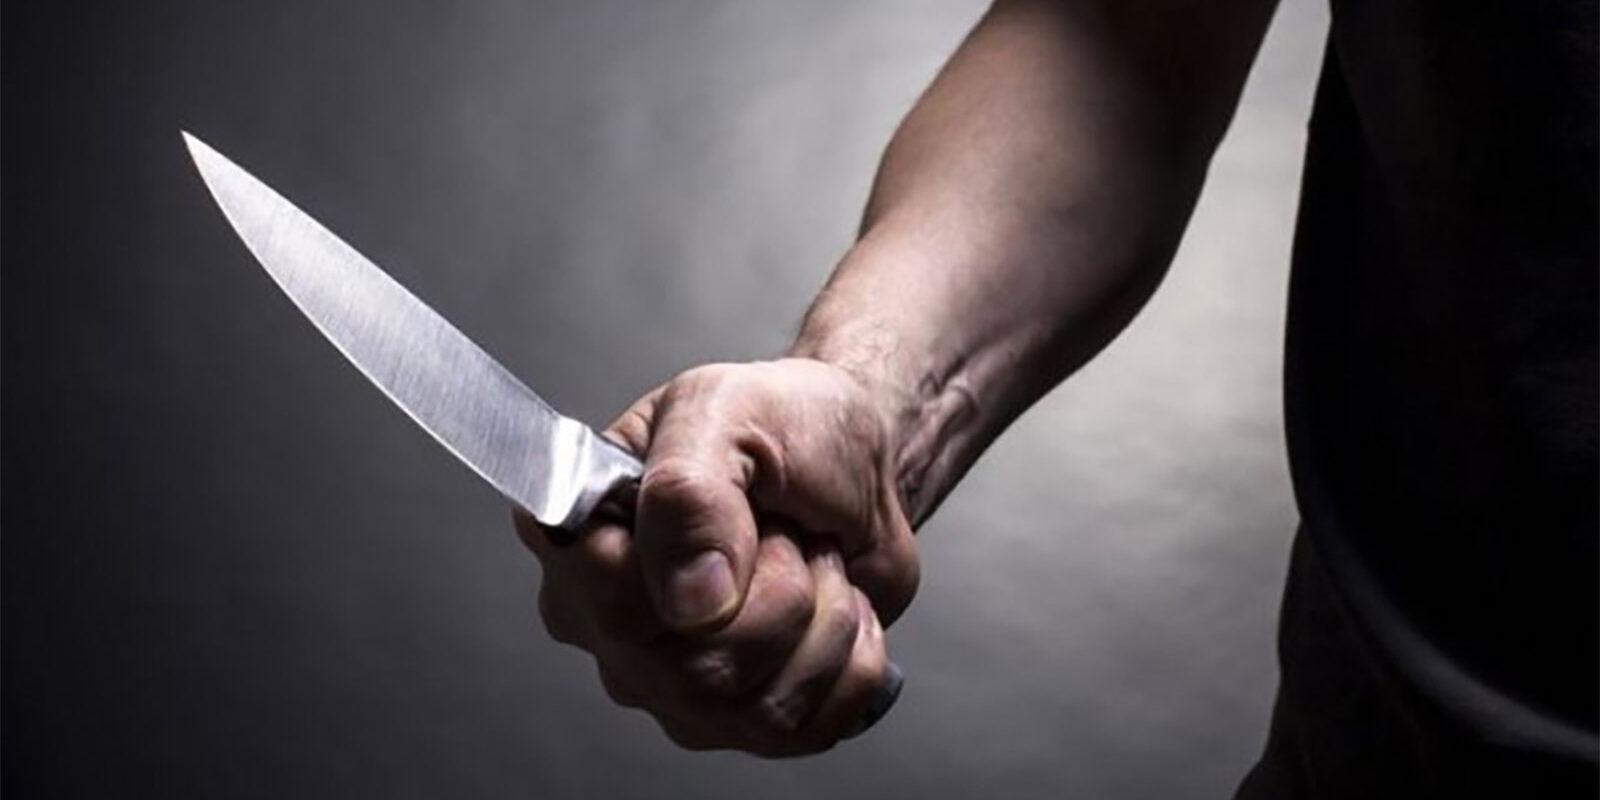 Genaro amenazó de muerte a su mamá tras discusión familiar: Intentó apuñalarla